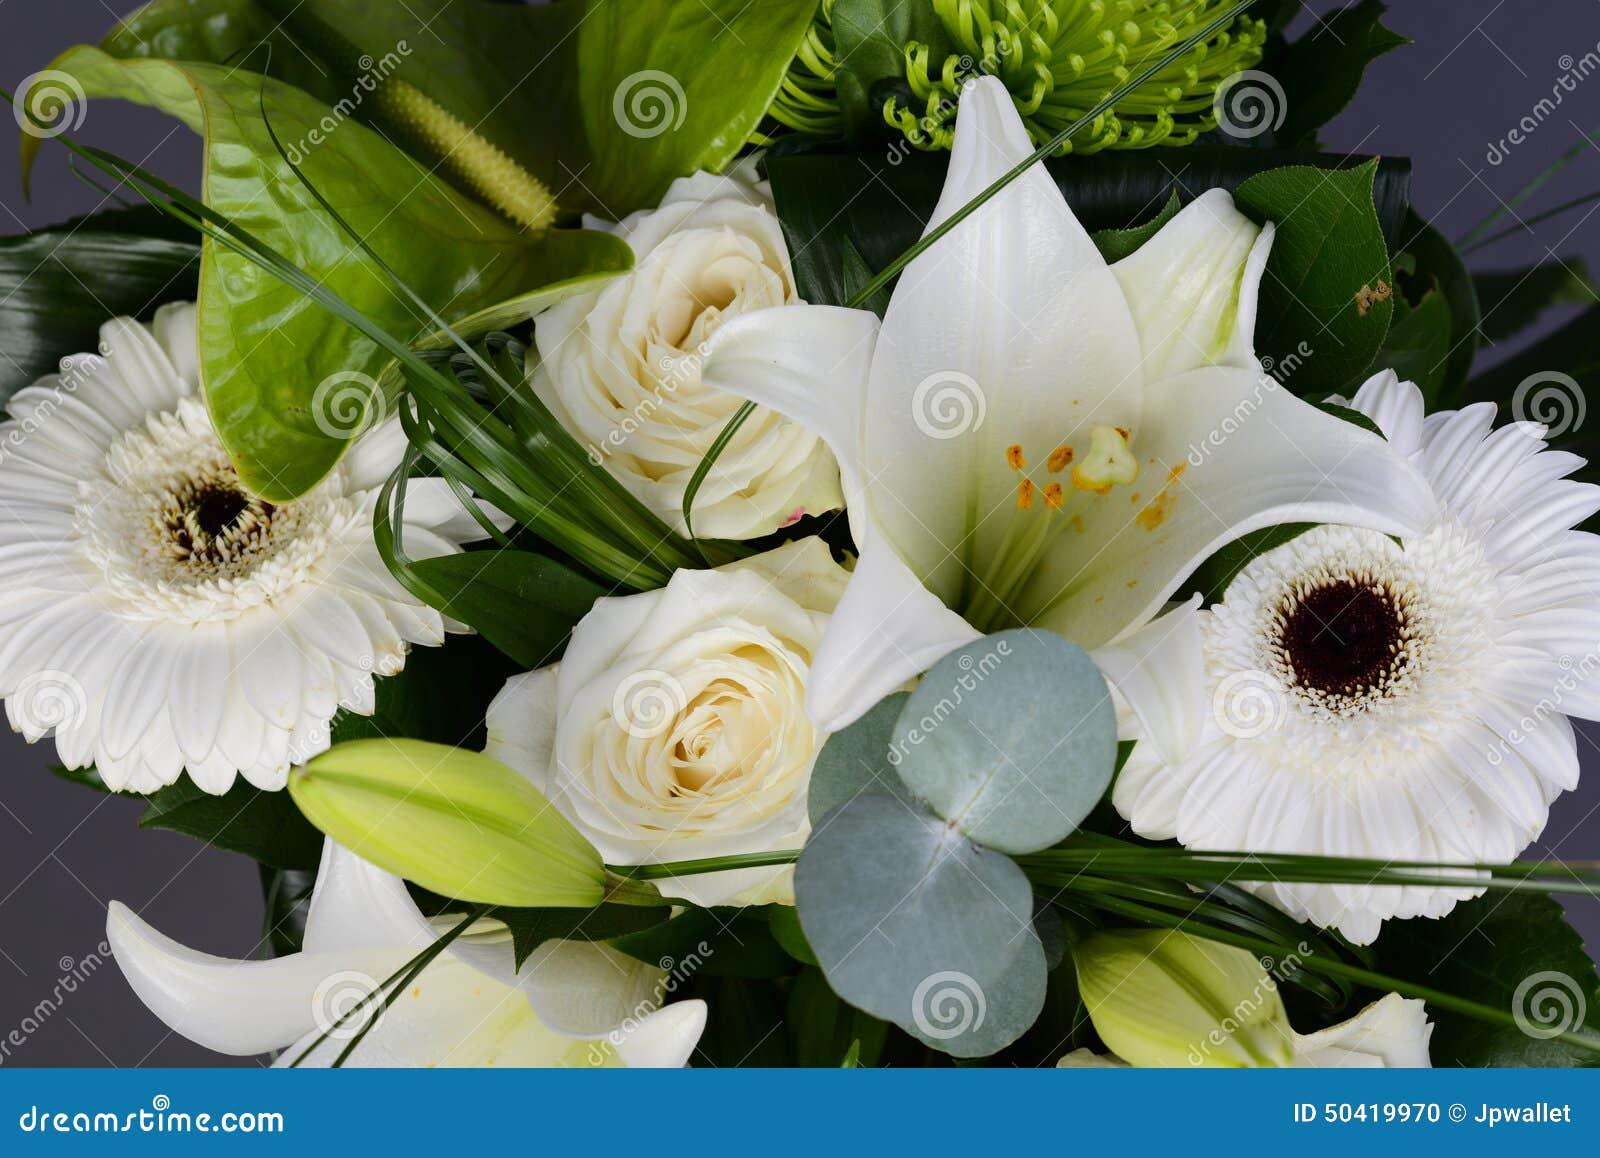 groupe de bouquet de belles fleurs blanches avec les roses blanches le lis et la marguerite. Black Bedroom Furniture Sets. Home Design Ideas